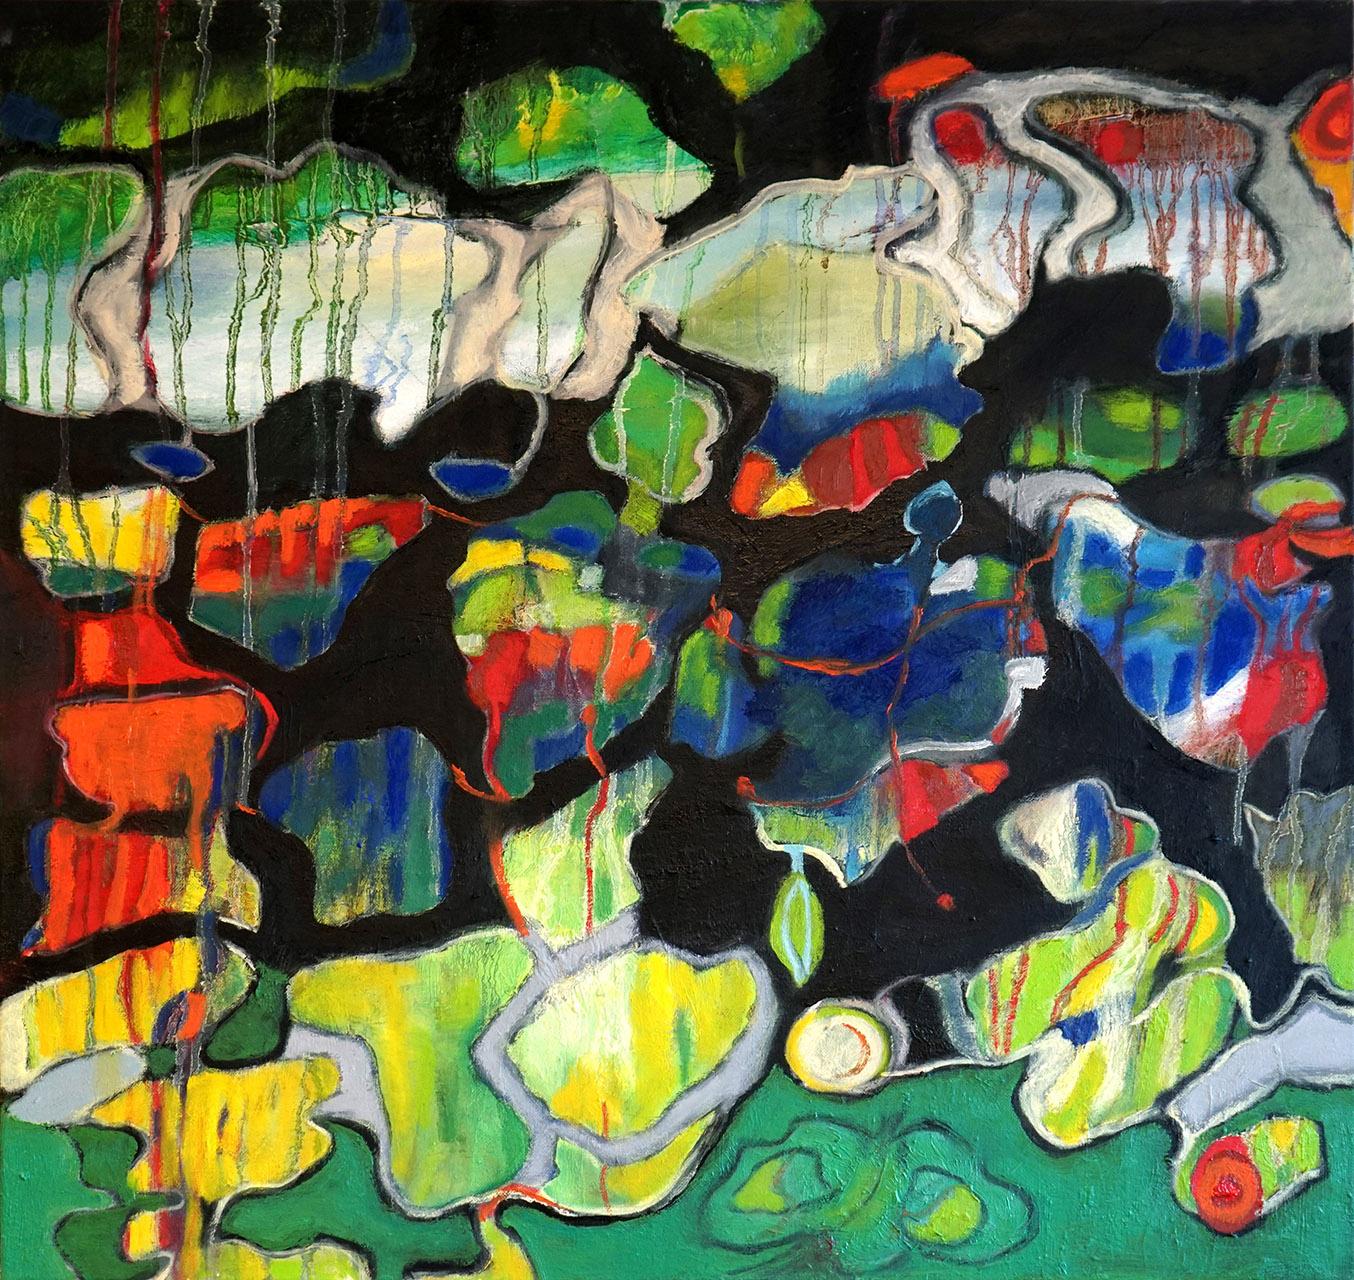 Nellie van Kemenade_Crystal_olieverf op canvas_70x70